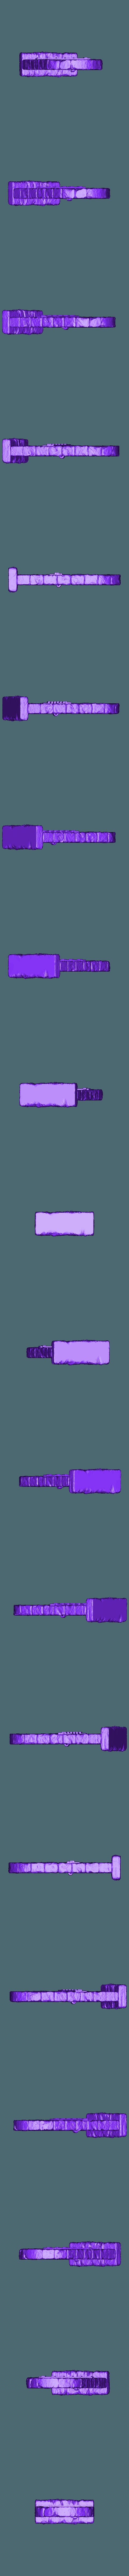 wooden_door_no_flares.stl Télécharger fichier STL gratuit Portes Donjon (Fermer) • Design à imprimer en 3D, 3DRune